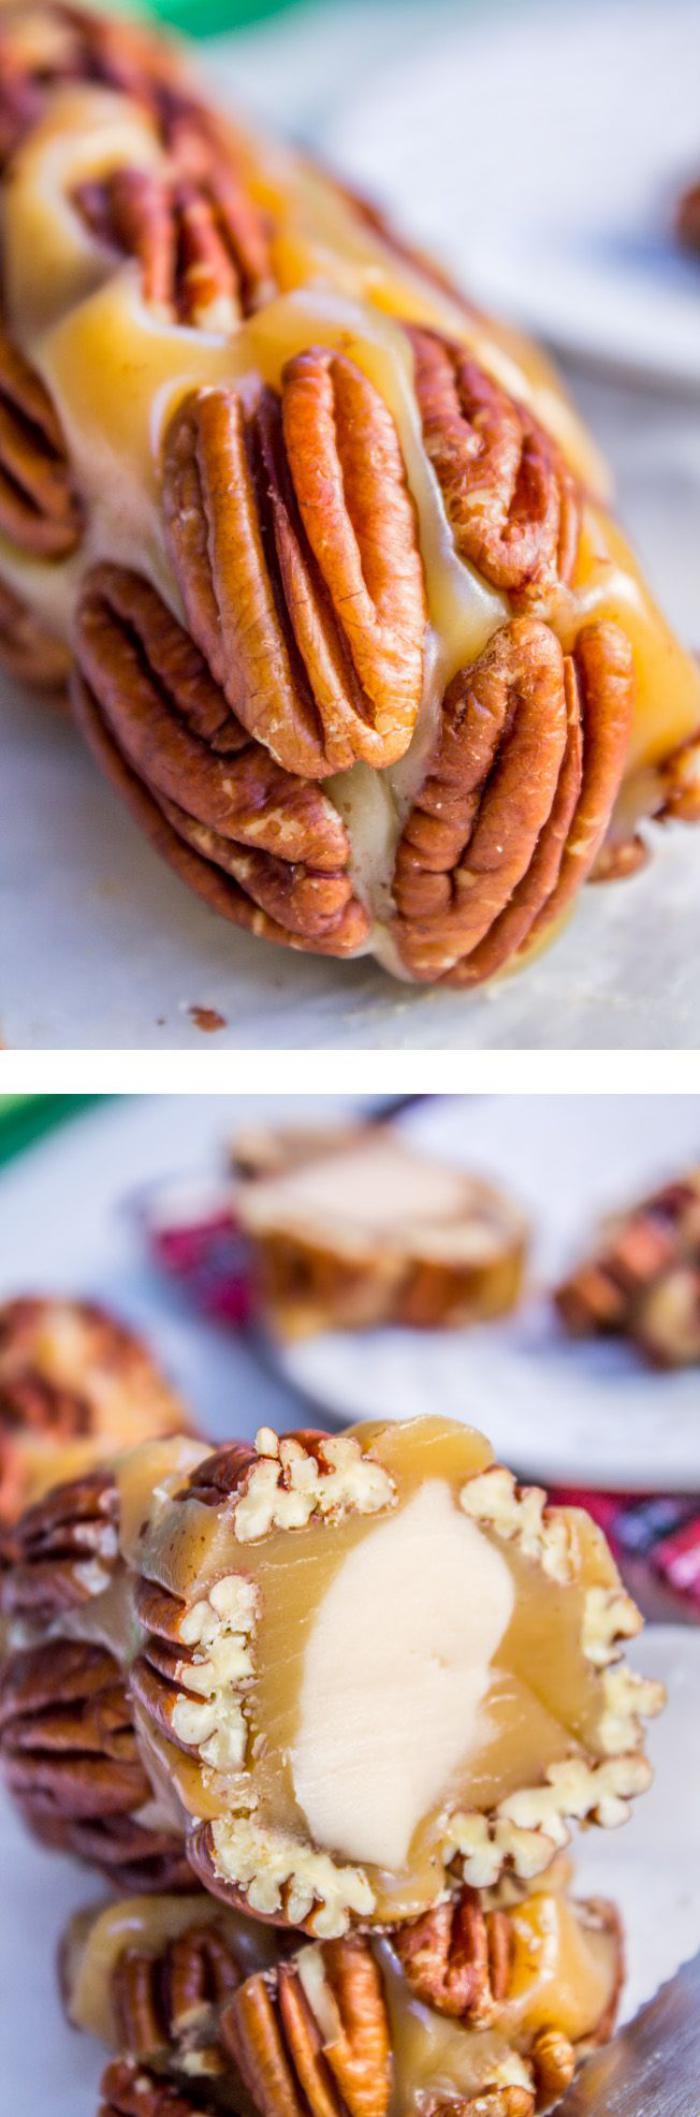 nougat-tendre-roulé-de-nougat-au-caramel-et-noix